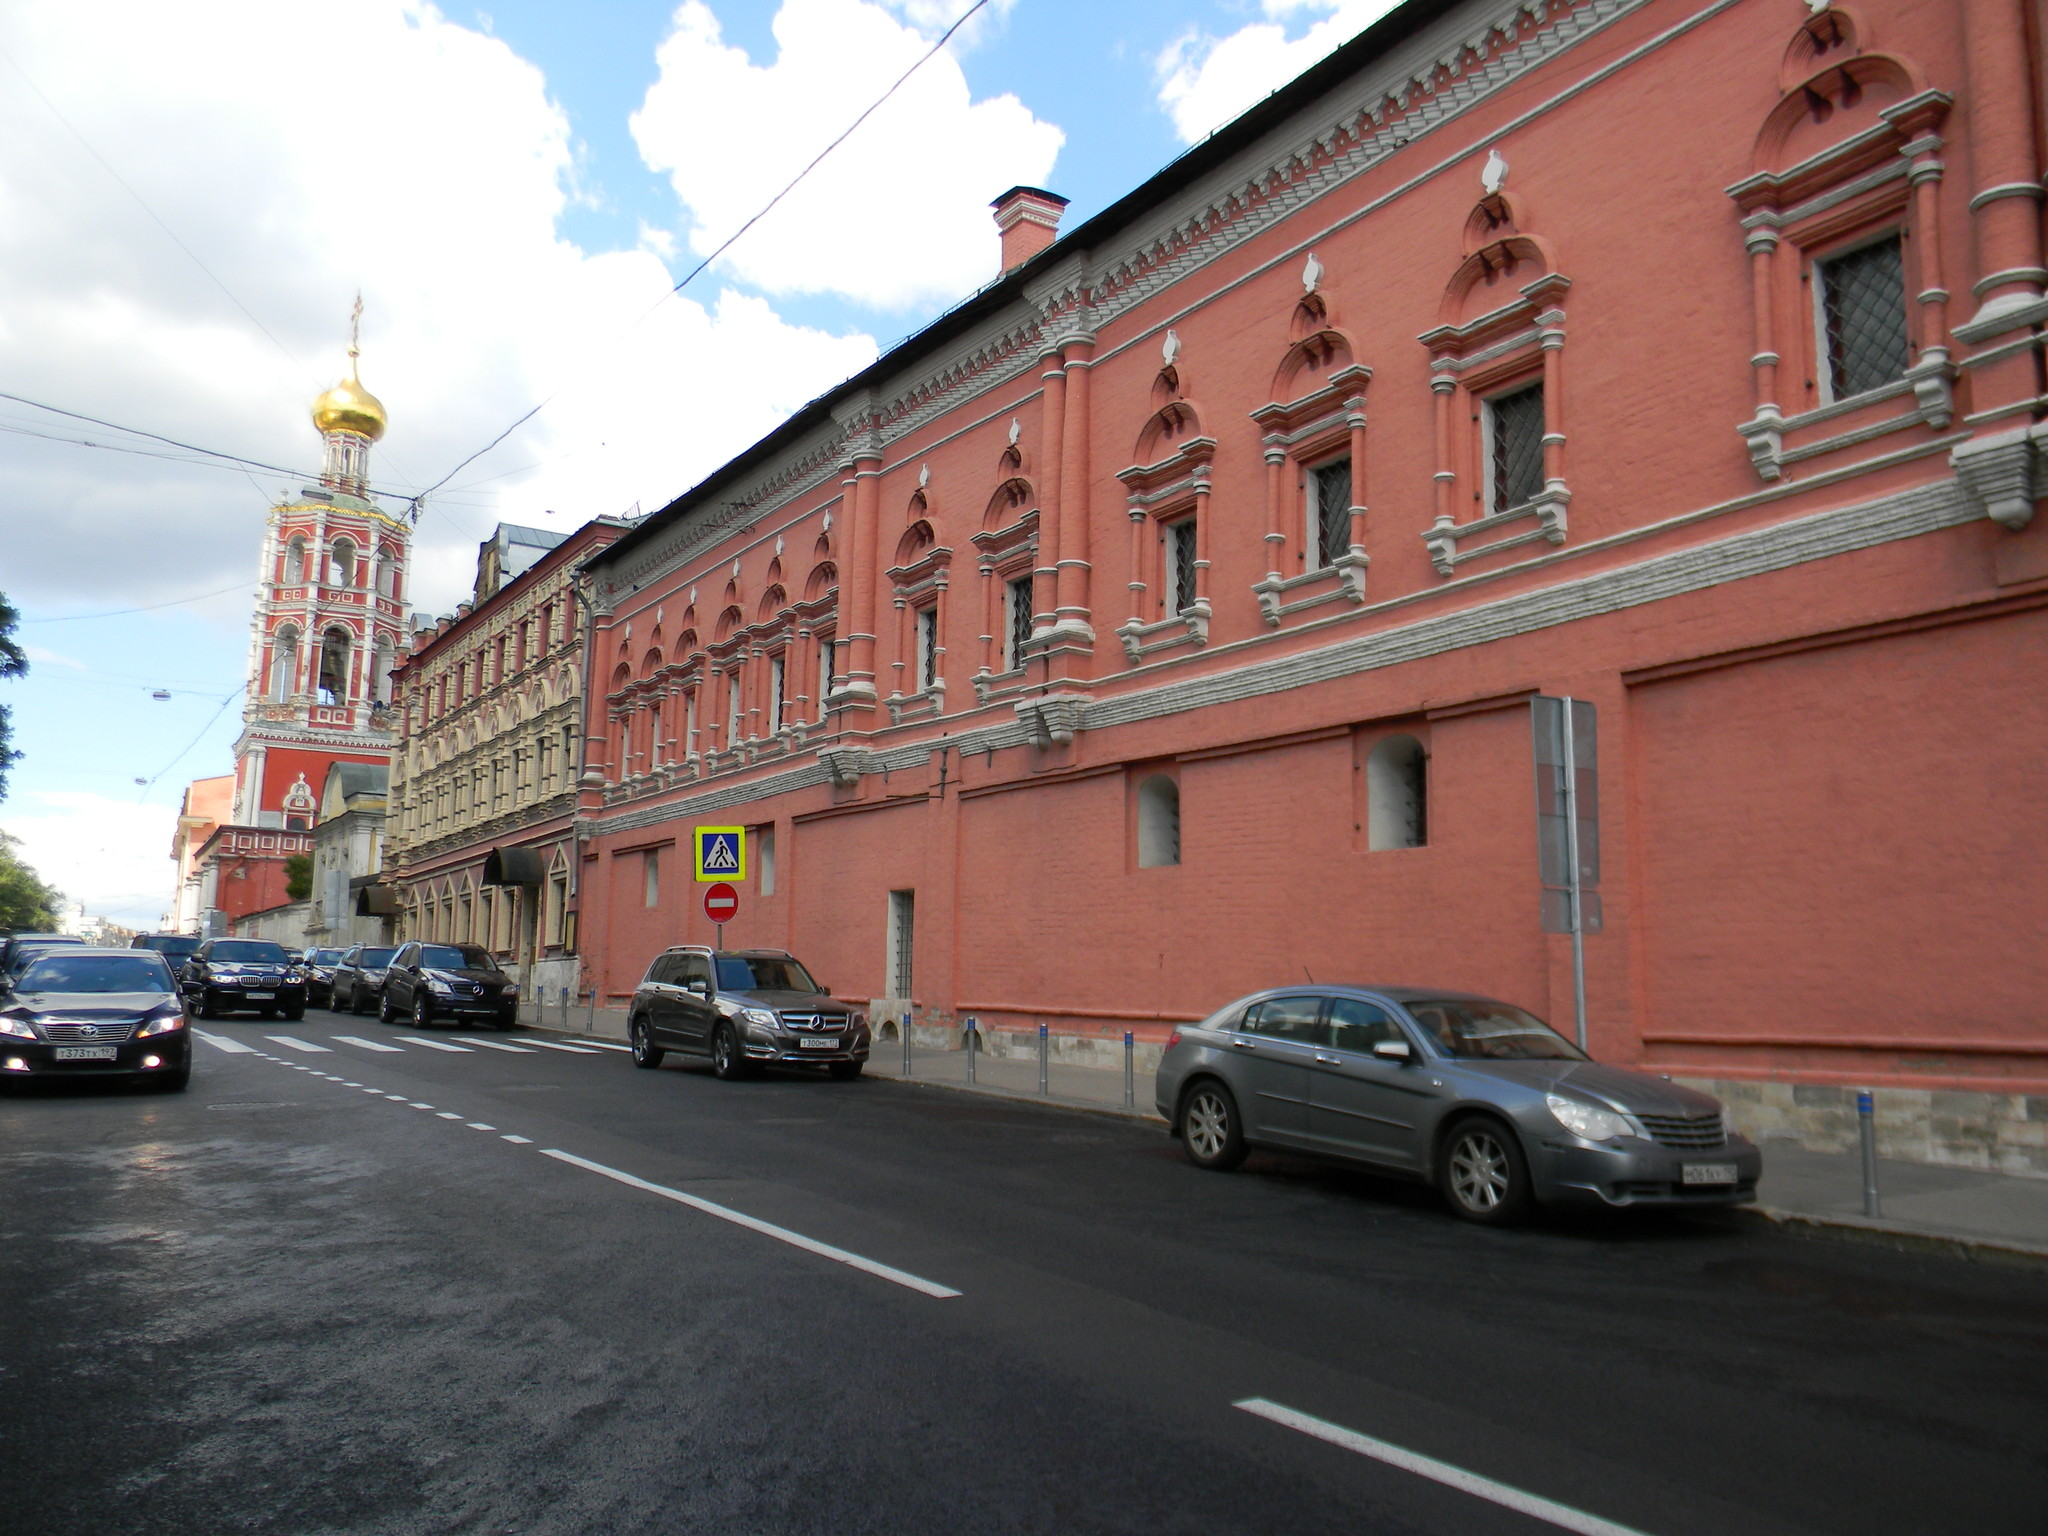 Нарышкинские палаты с надвратной церковью Высоко-Петровского монастыря